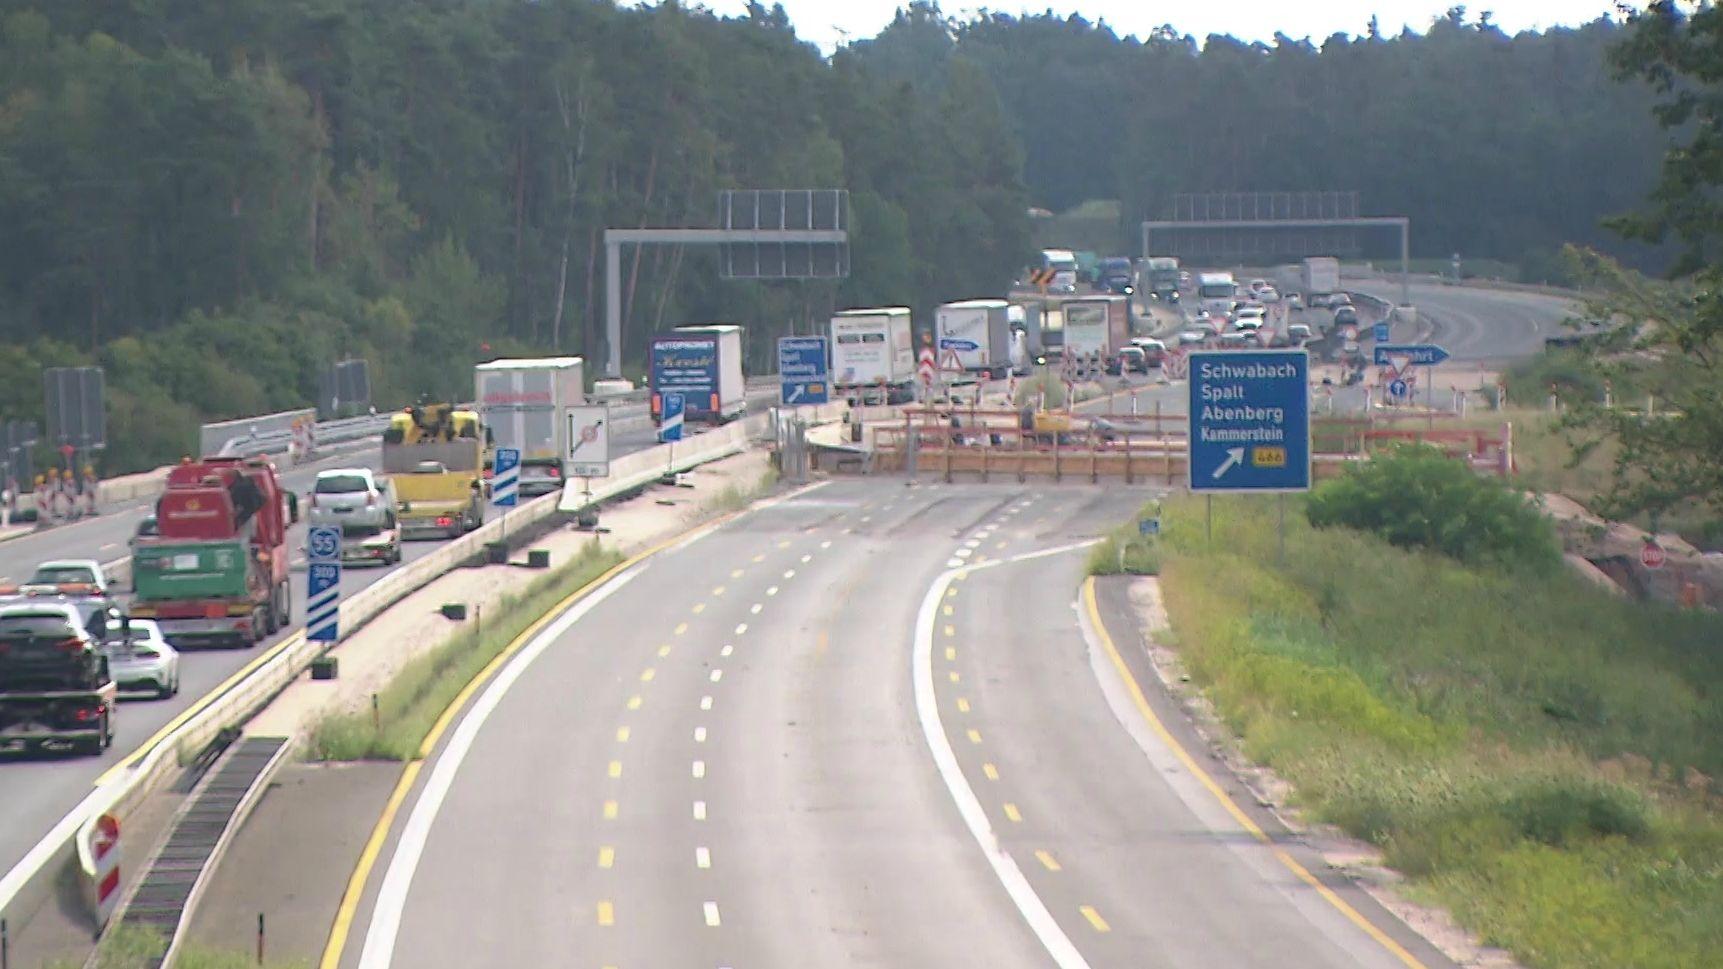 Baustelle auf der Autobahn